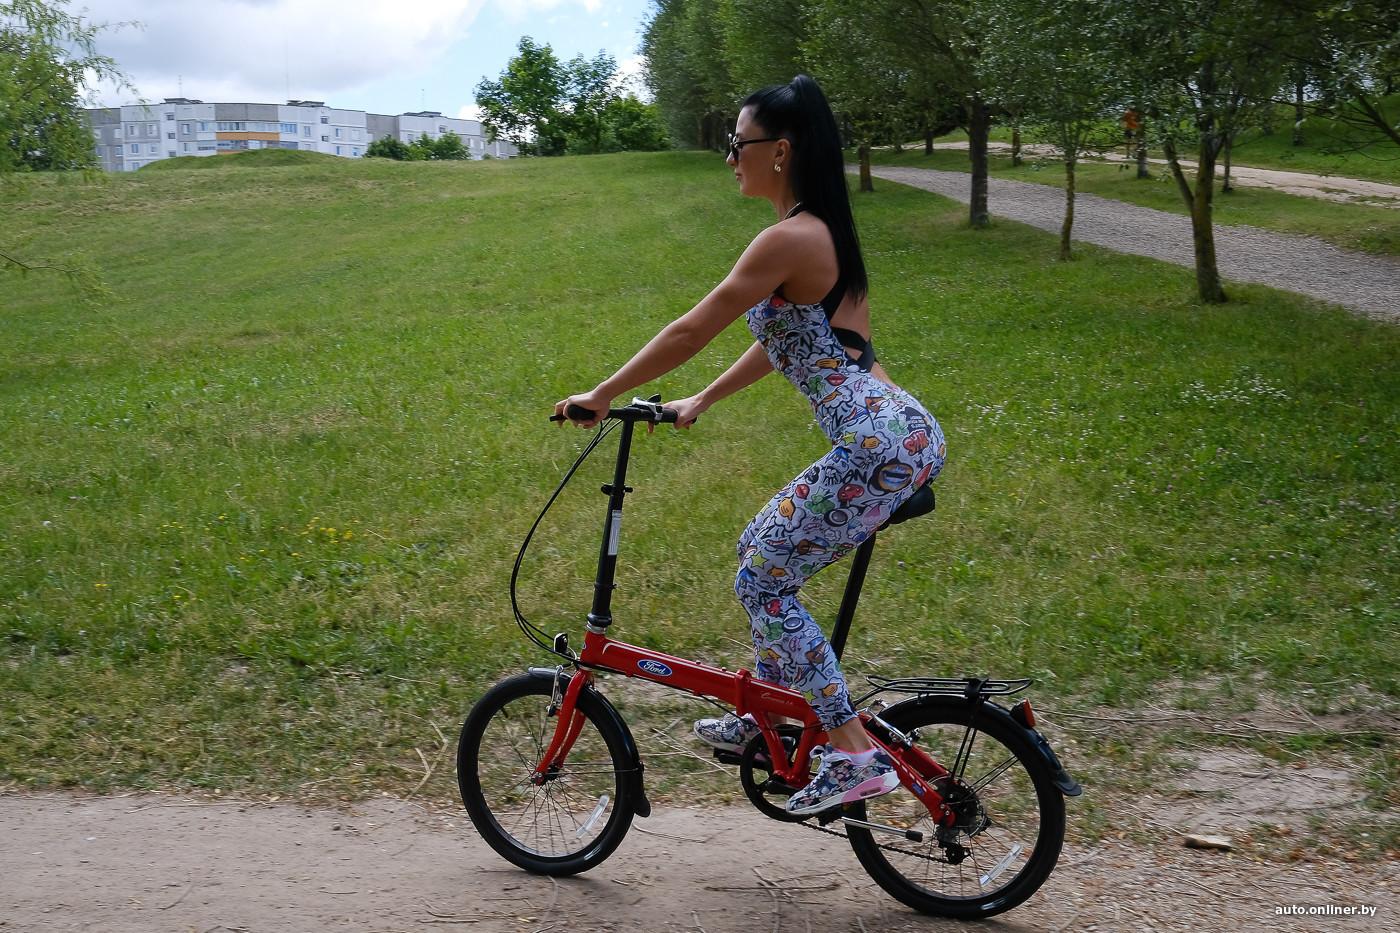 Самый сексуальный велосипедист велозоны